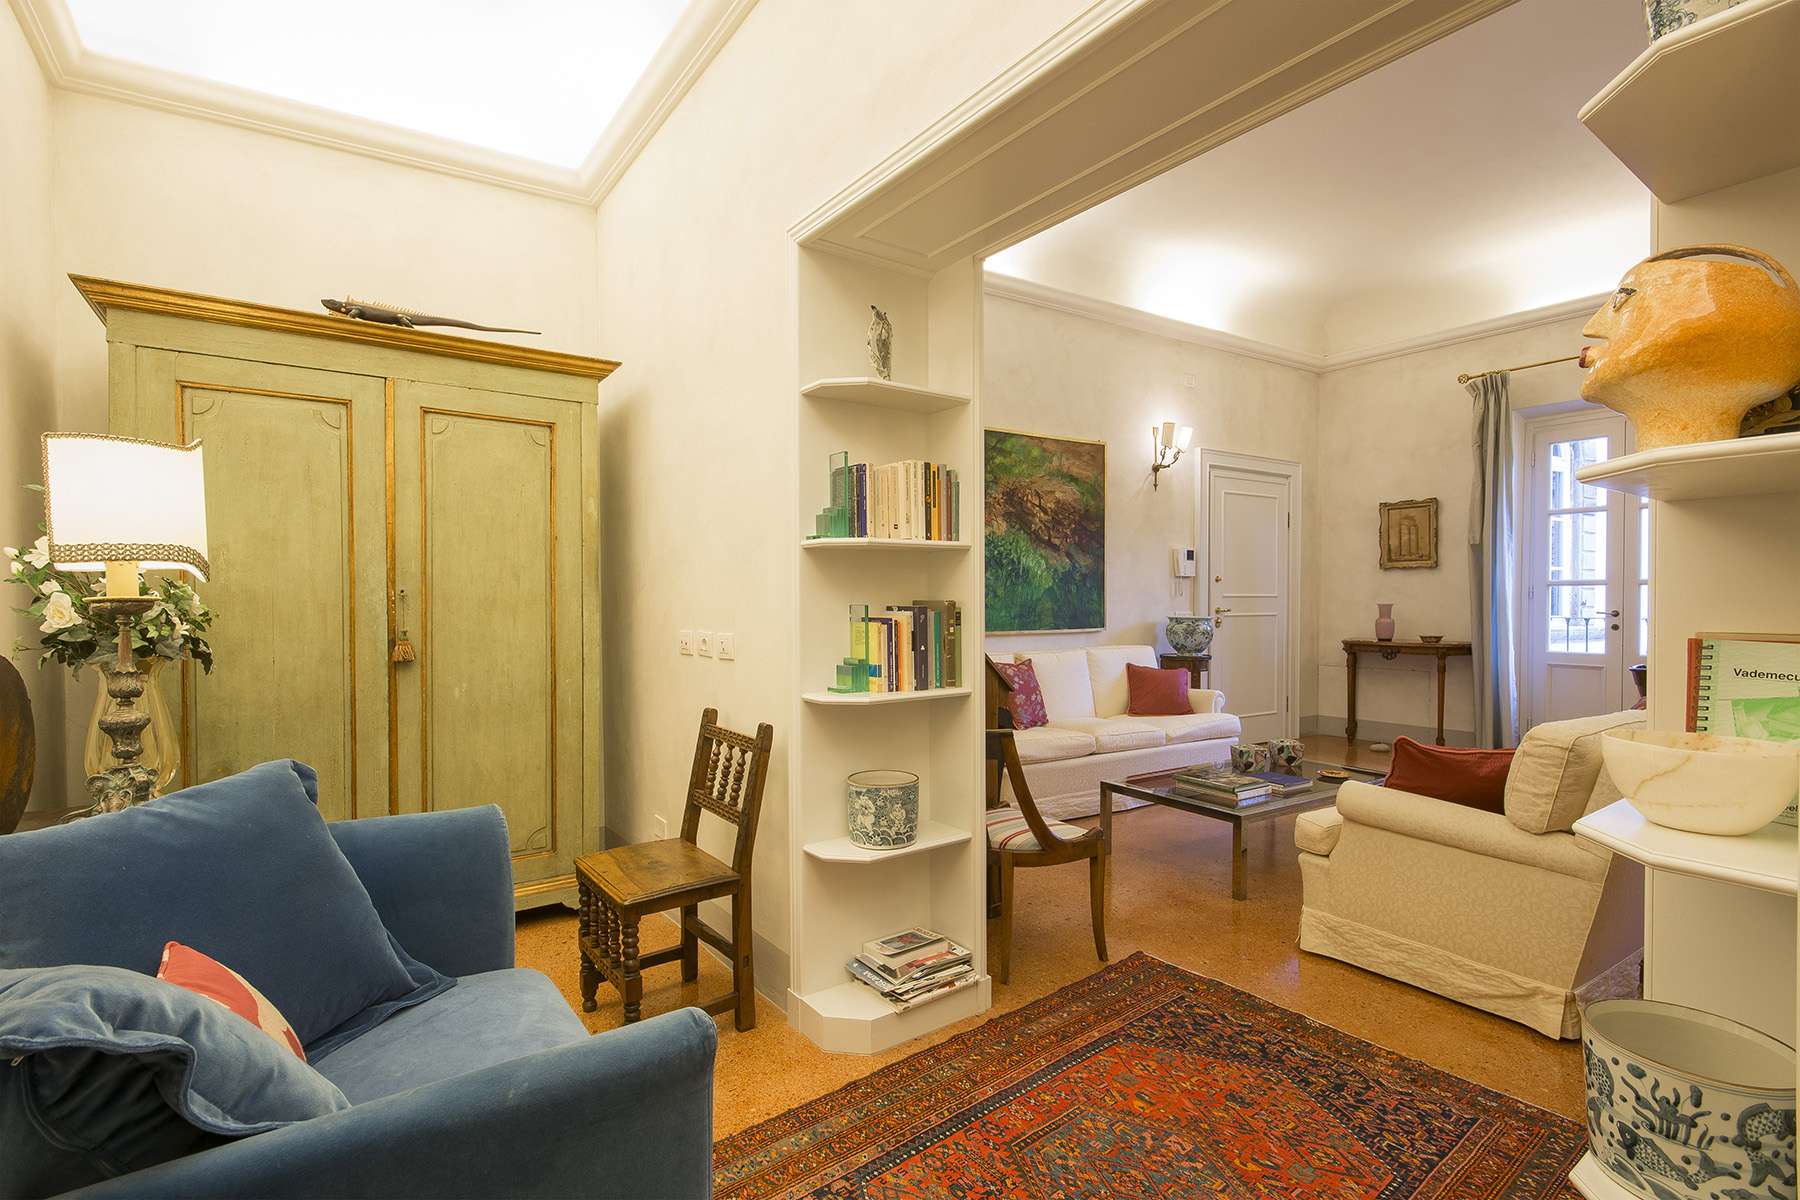 Appartamento in Vendita a Lucca: 5 locali, 86 mq - Foto 4